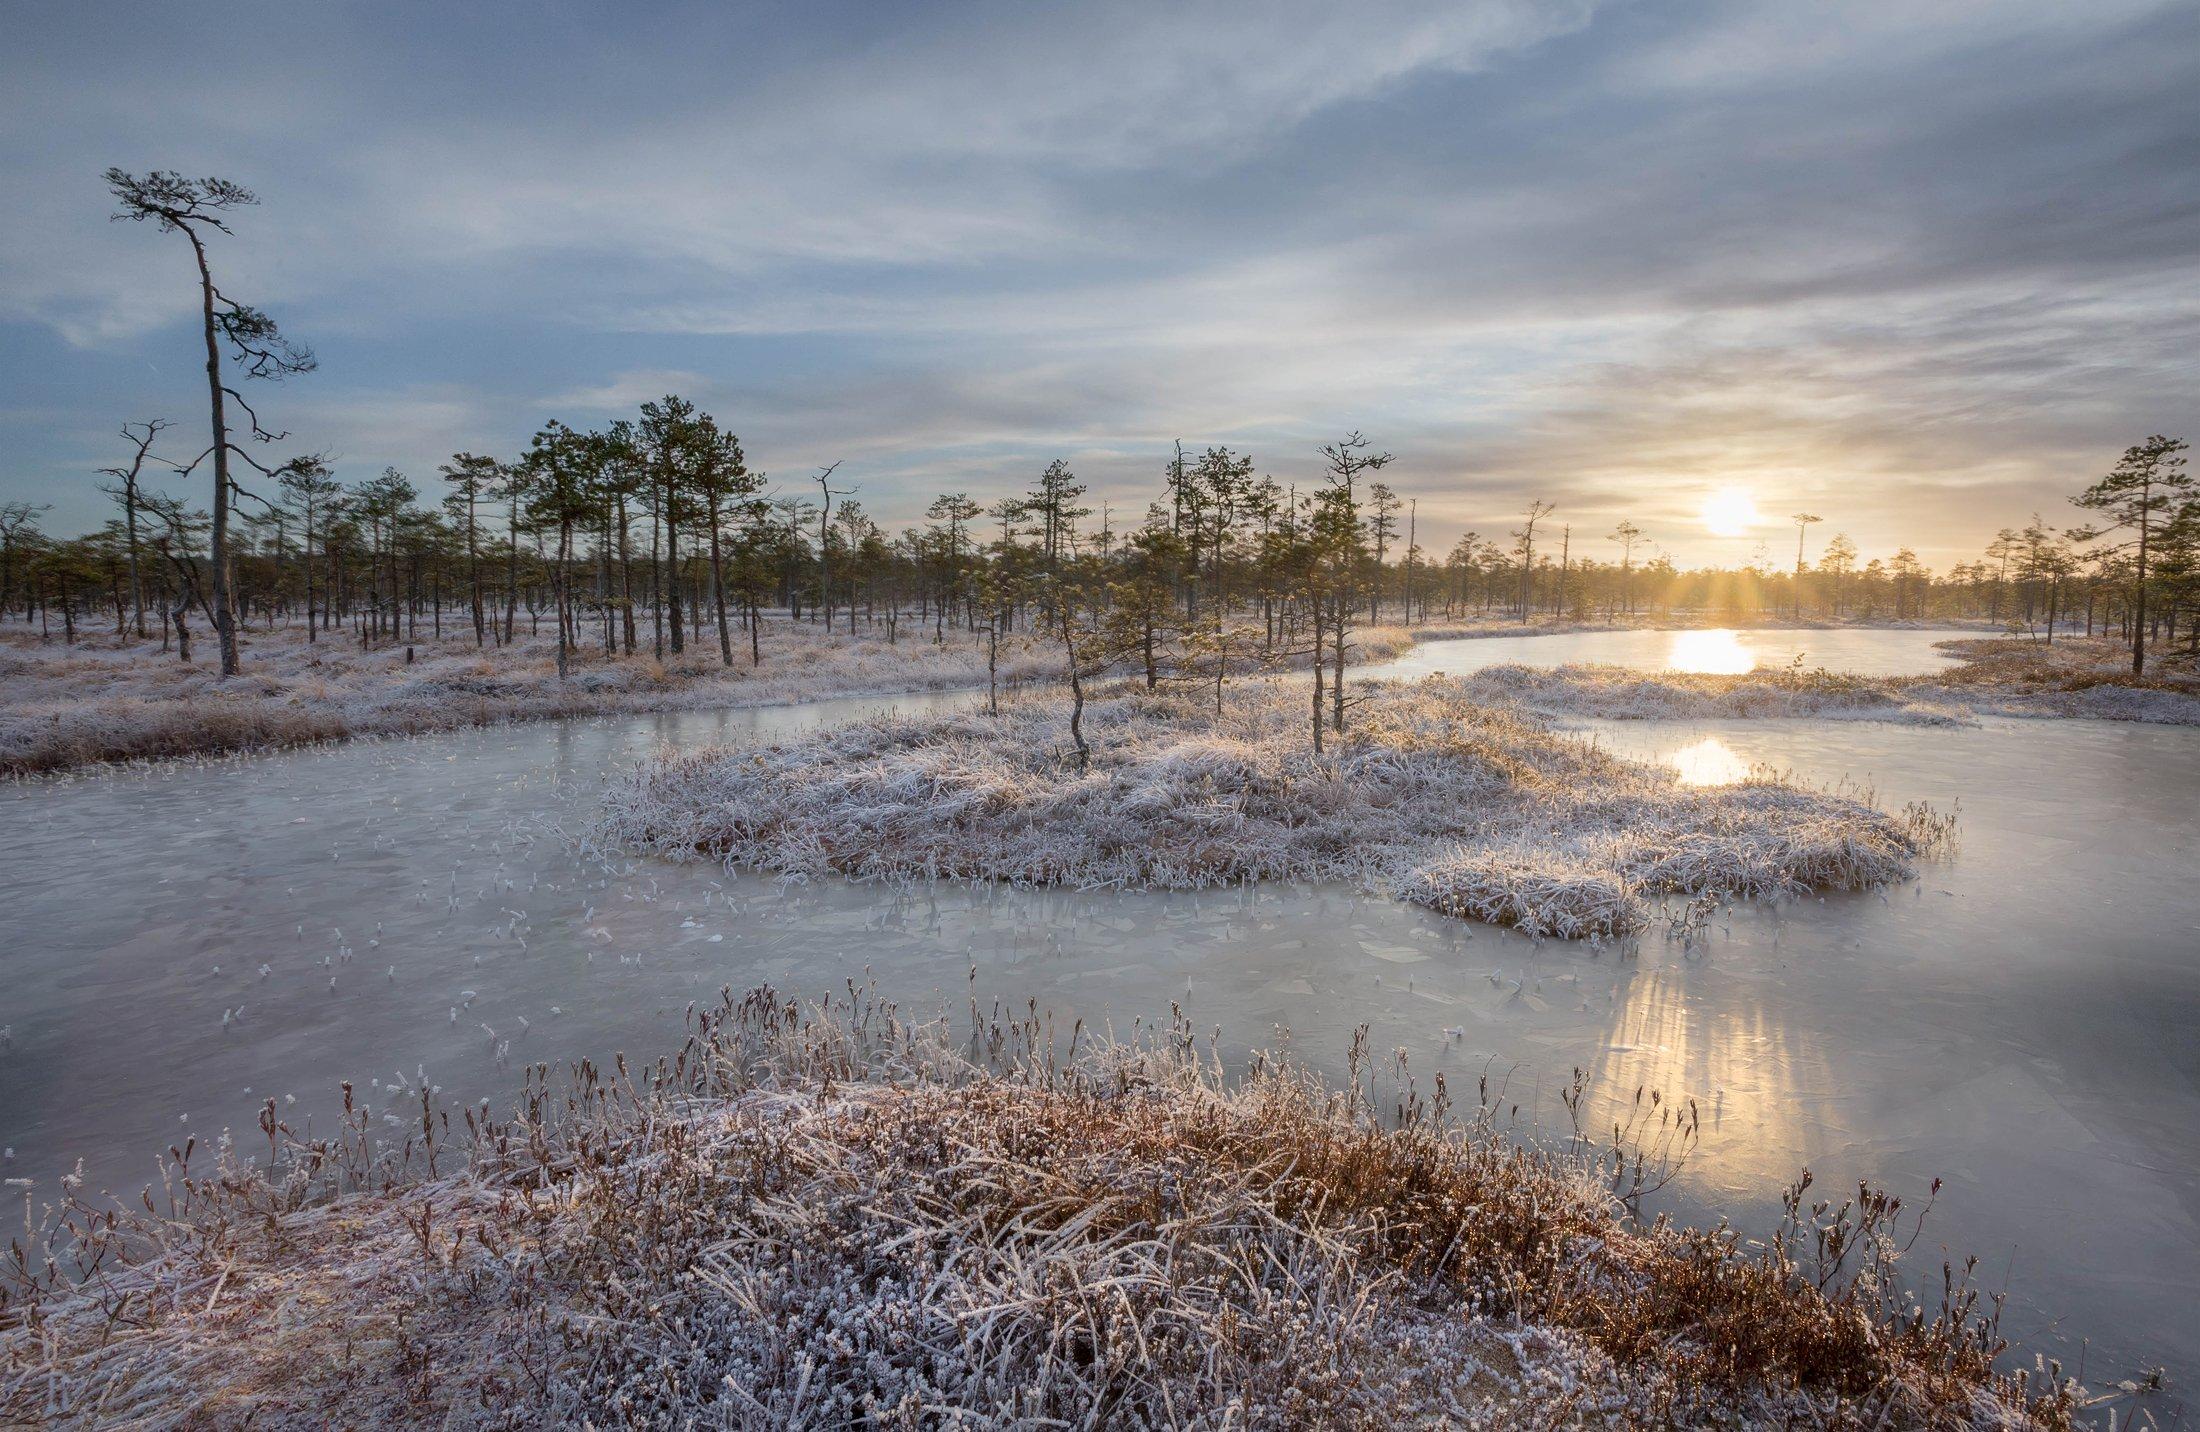 болото, кайф, рассвет ,север ,солнце, свет, закат, облака, отражение, фототур, Ващенков Павел